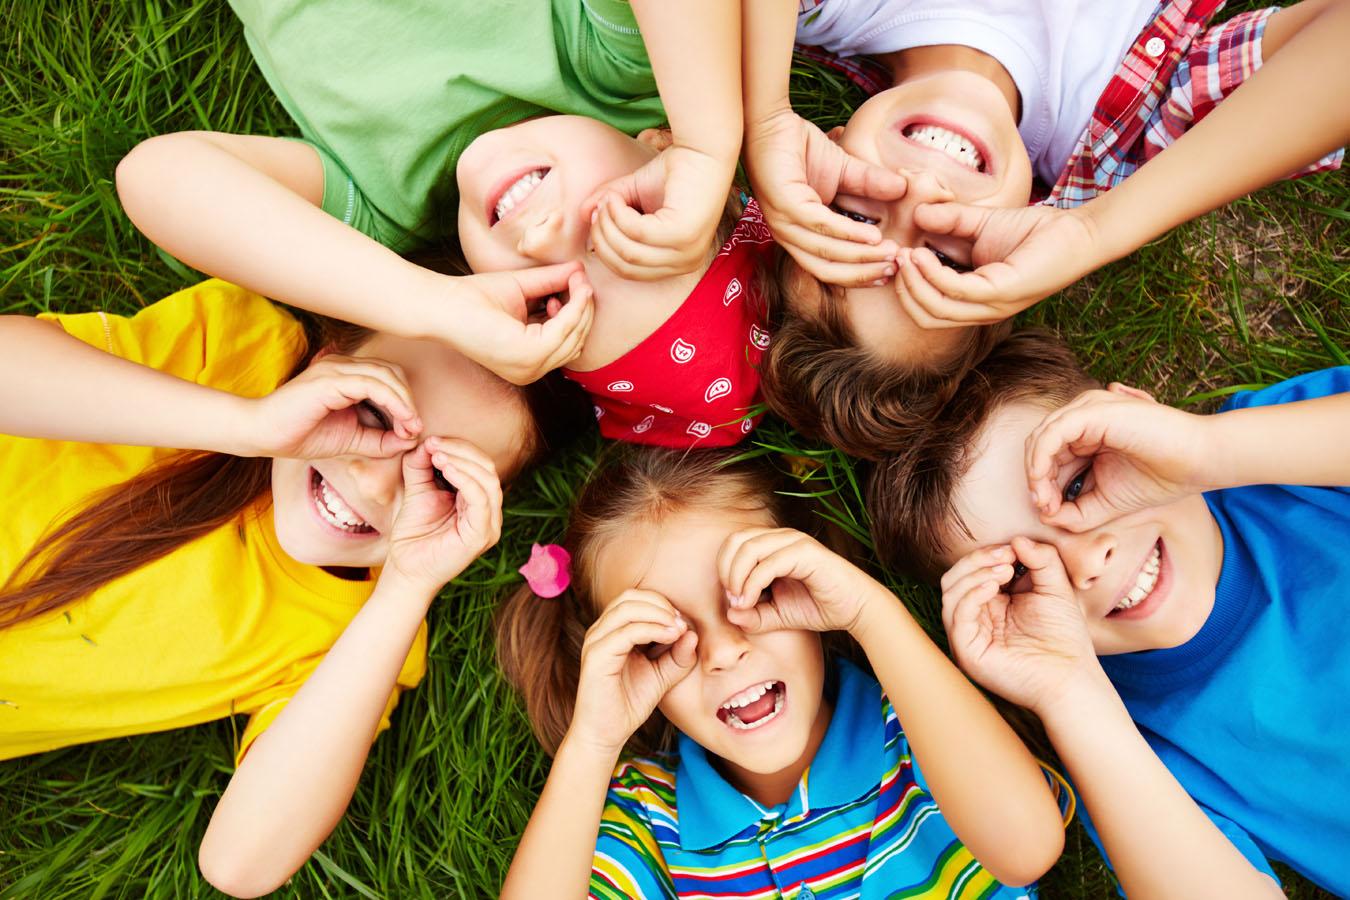 Un gruppo di bambini giocano distesi in cerchio su un prato